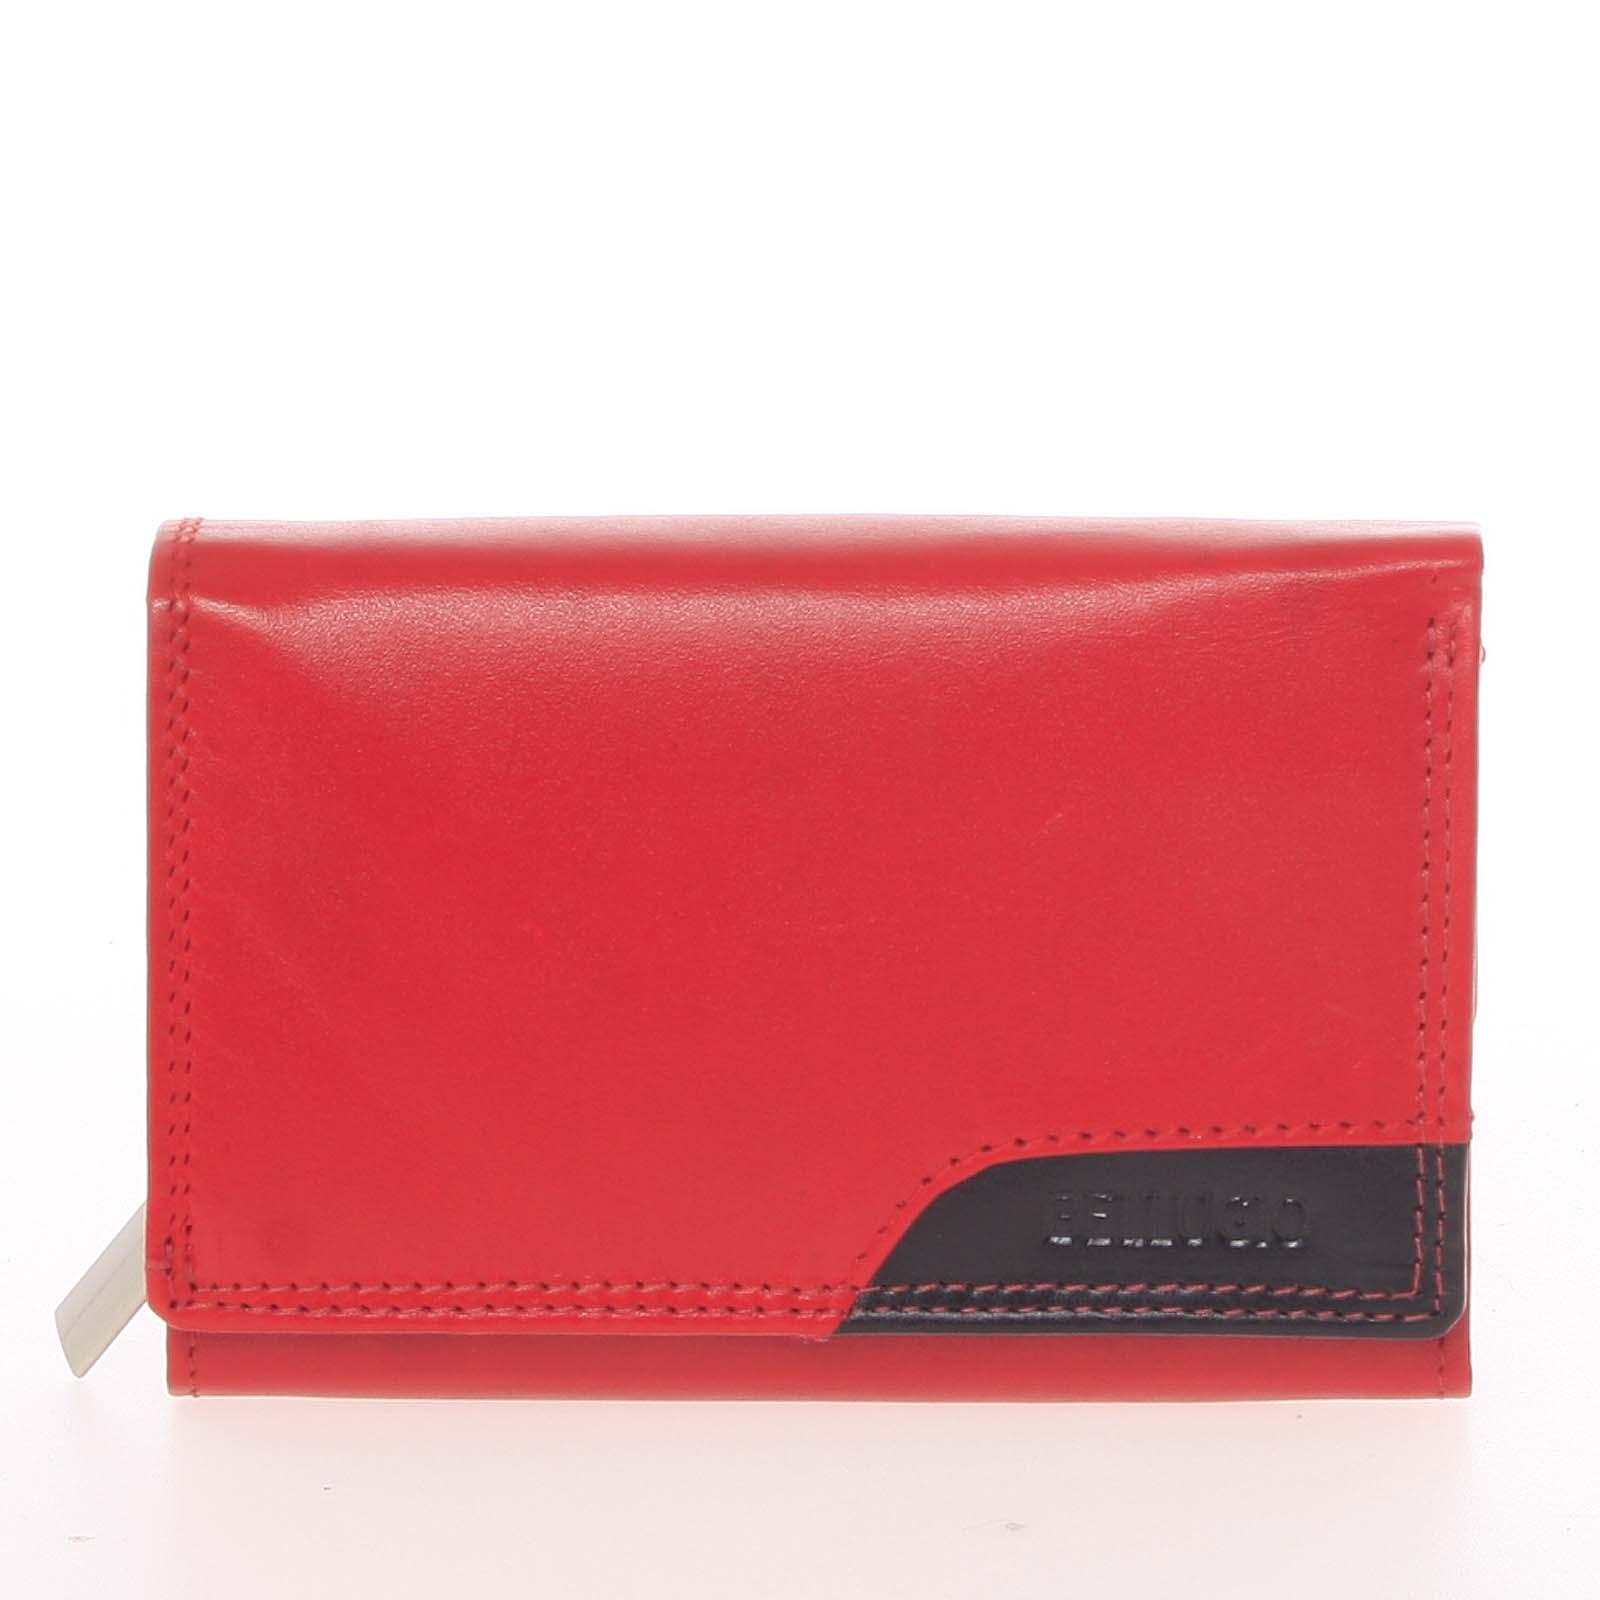 Moderní dámská kožená peněženka červená - Bellugio Oleisia